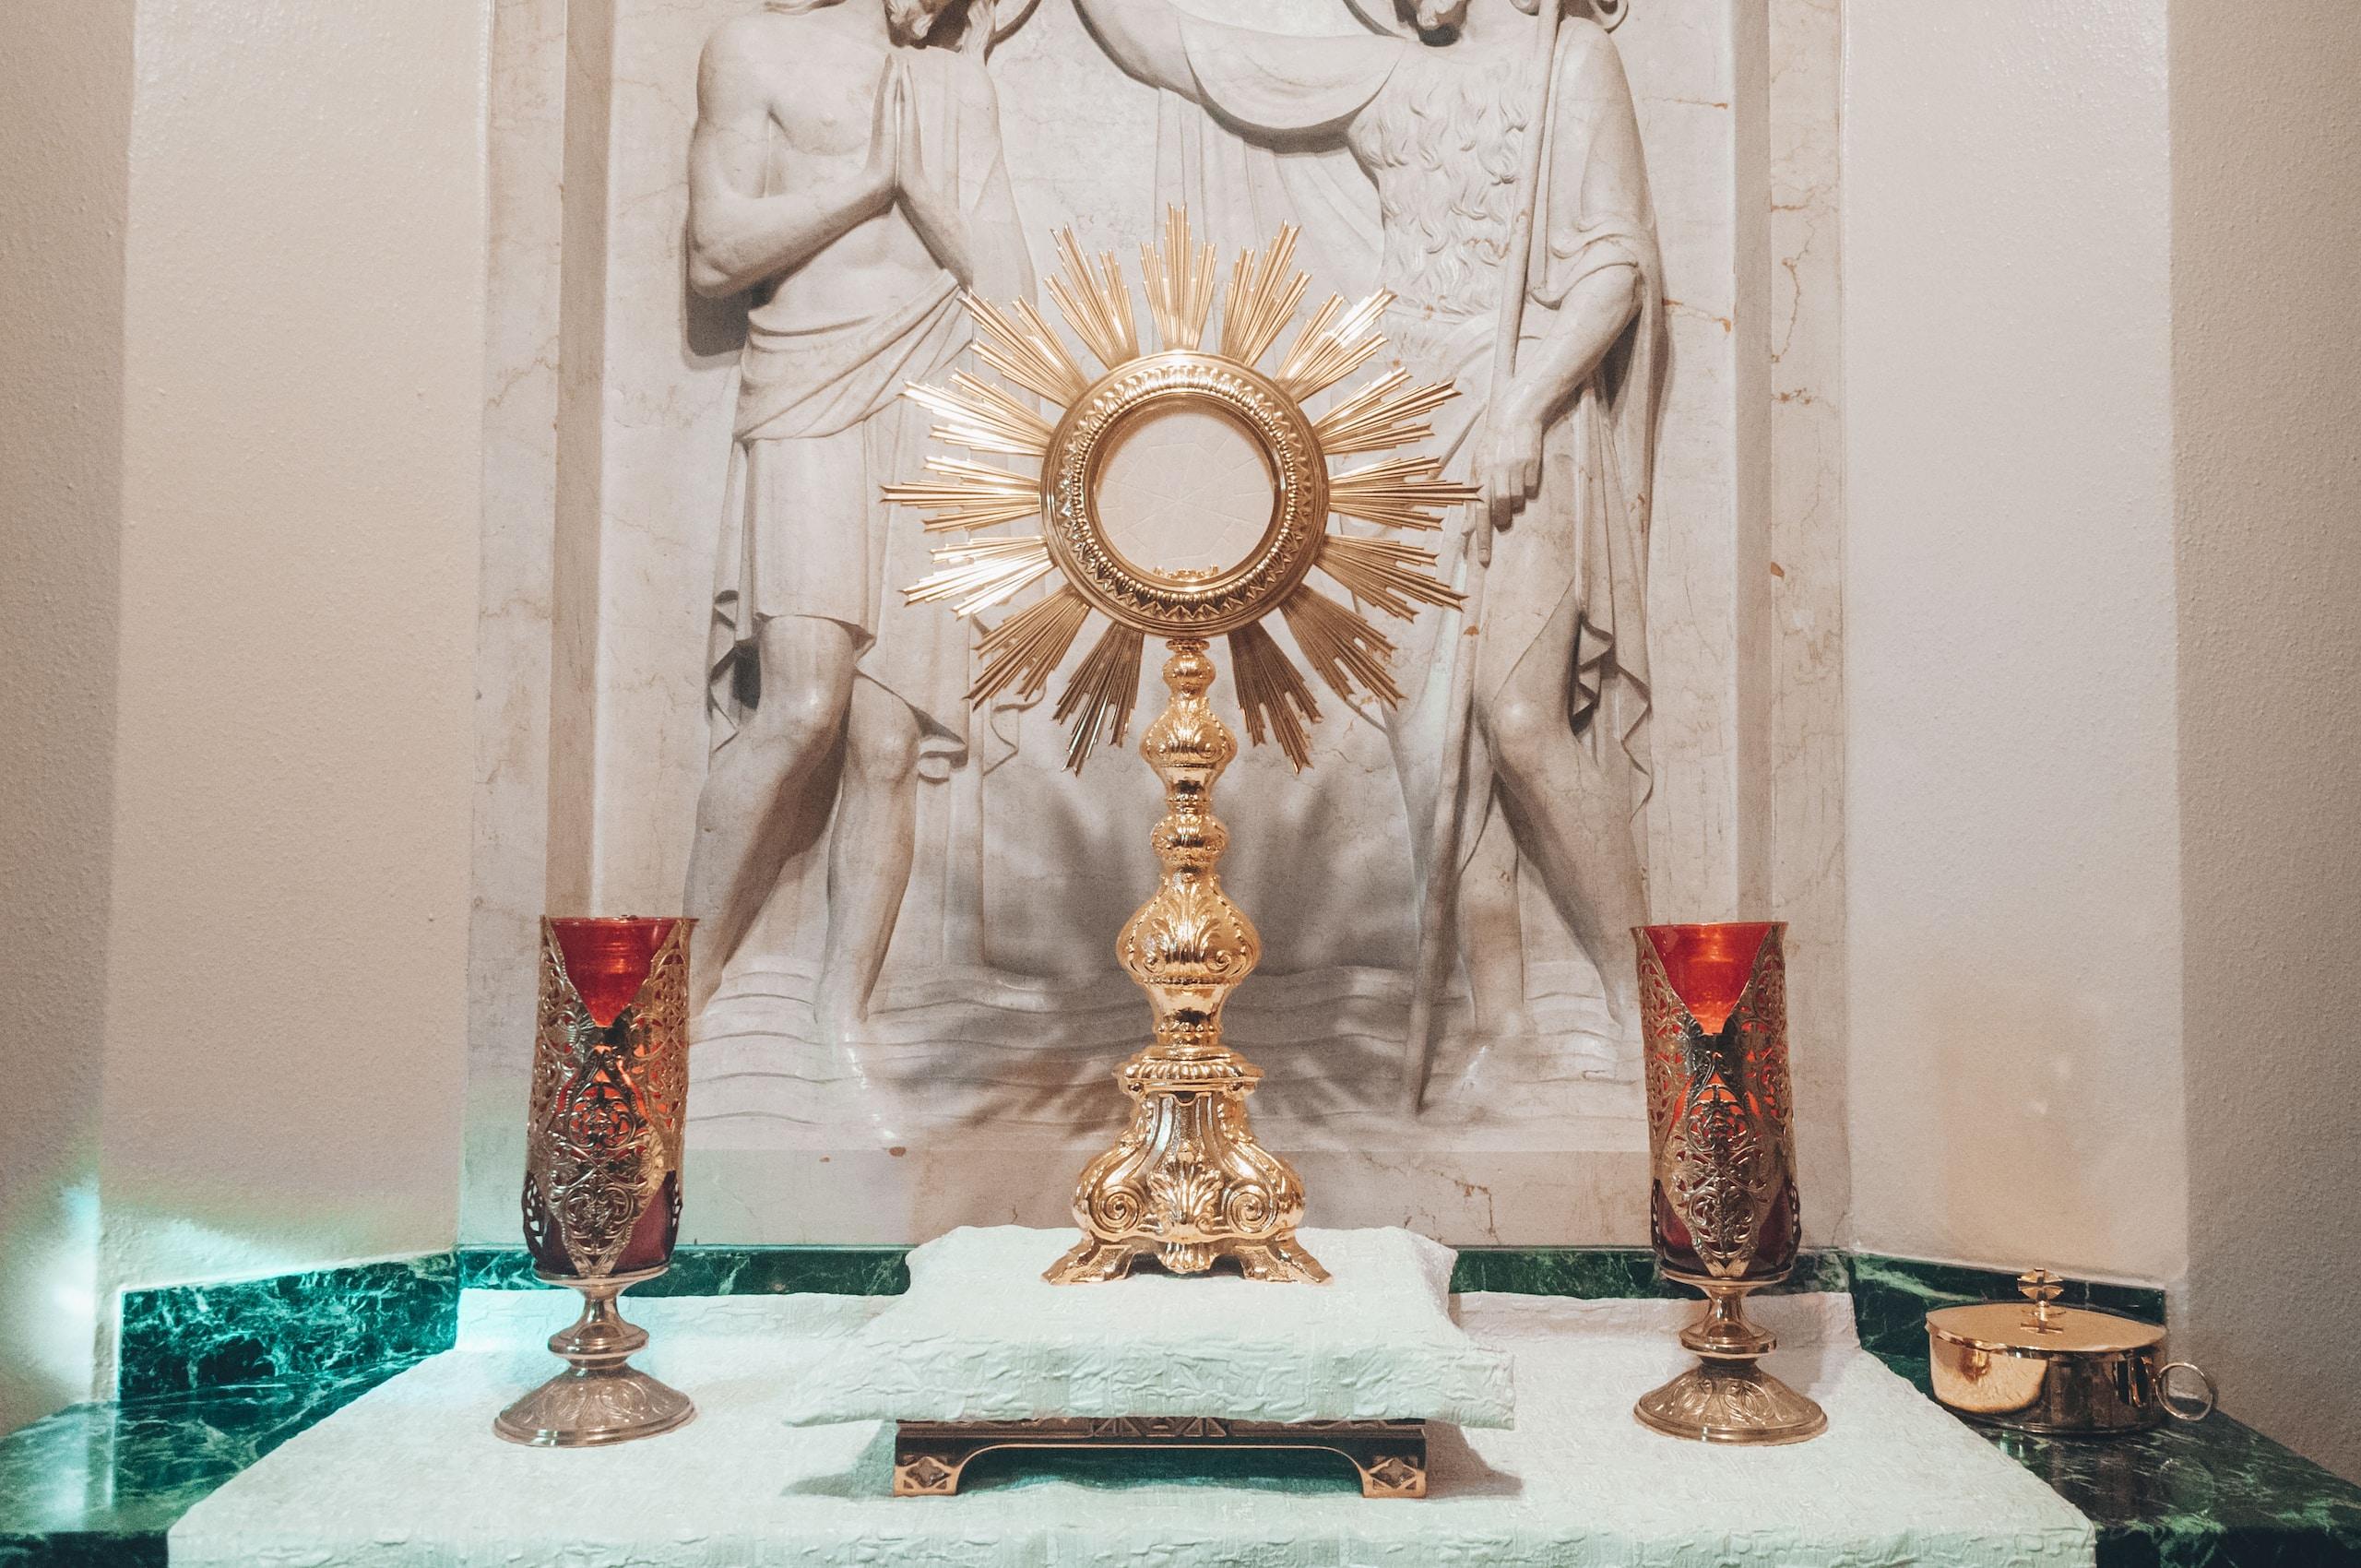 Stille Eucharistische Anbetung